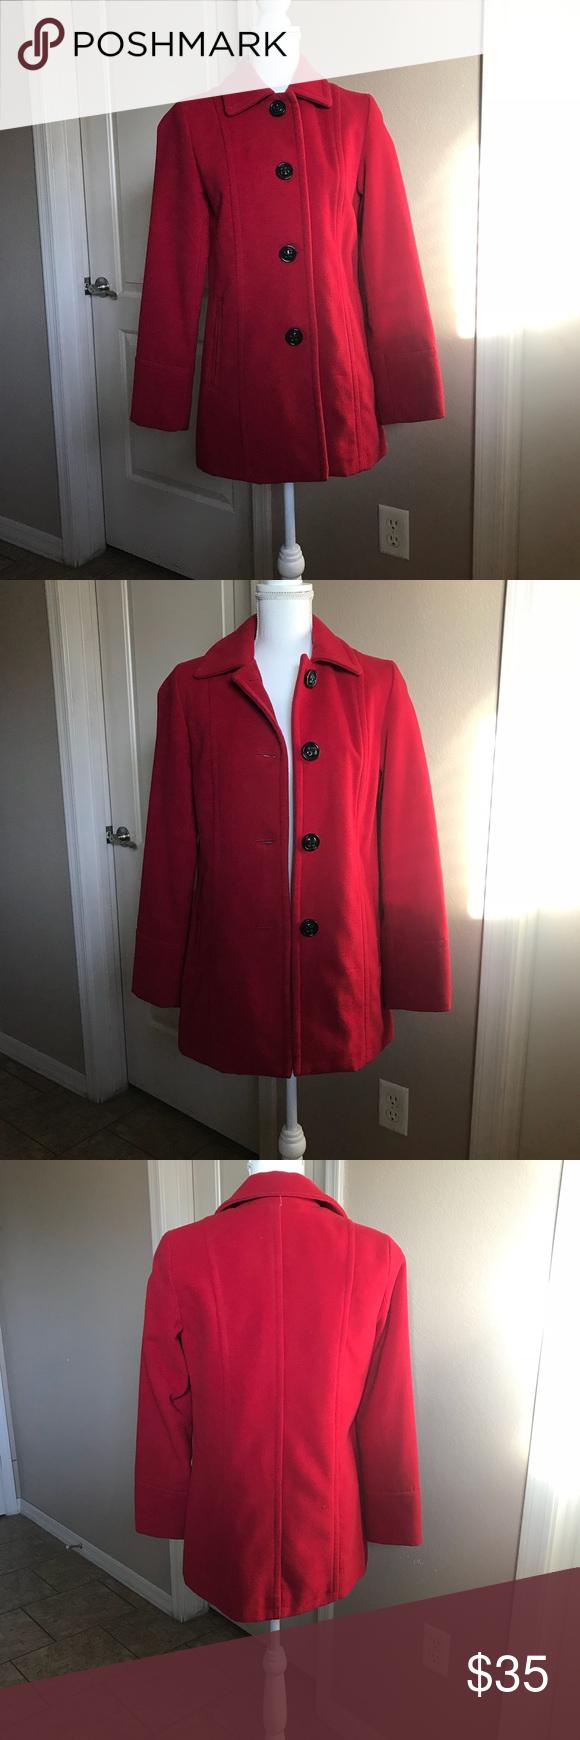 Liz Claiborne Red Coat Red Coat Clothes Design Liz Claiborne [ 1740 x 580 Pixel ]